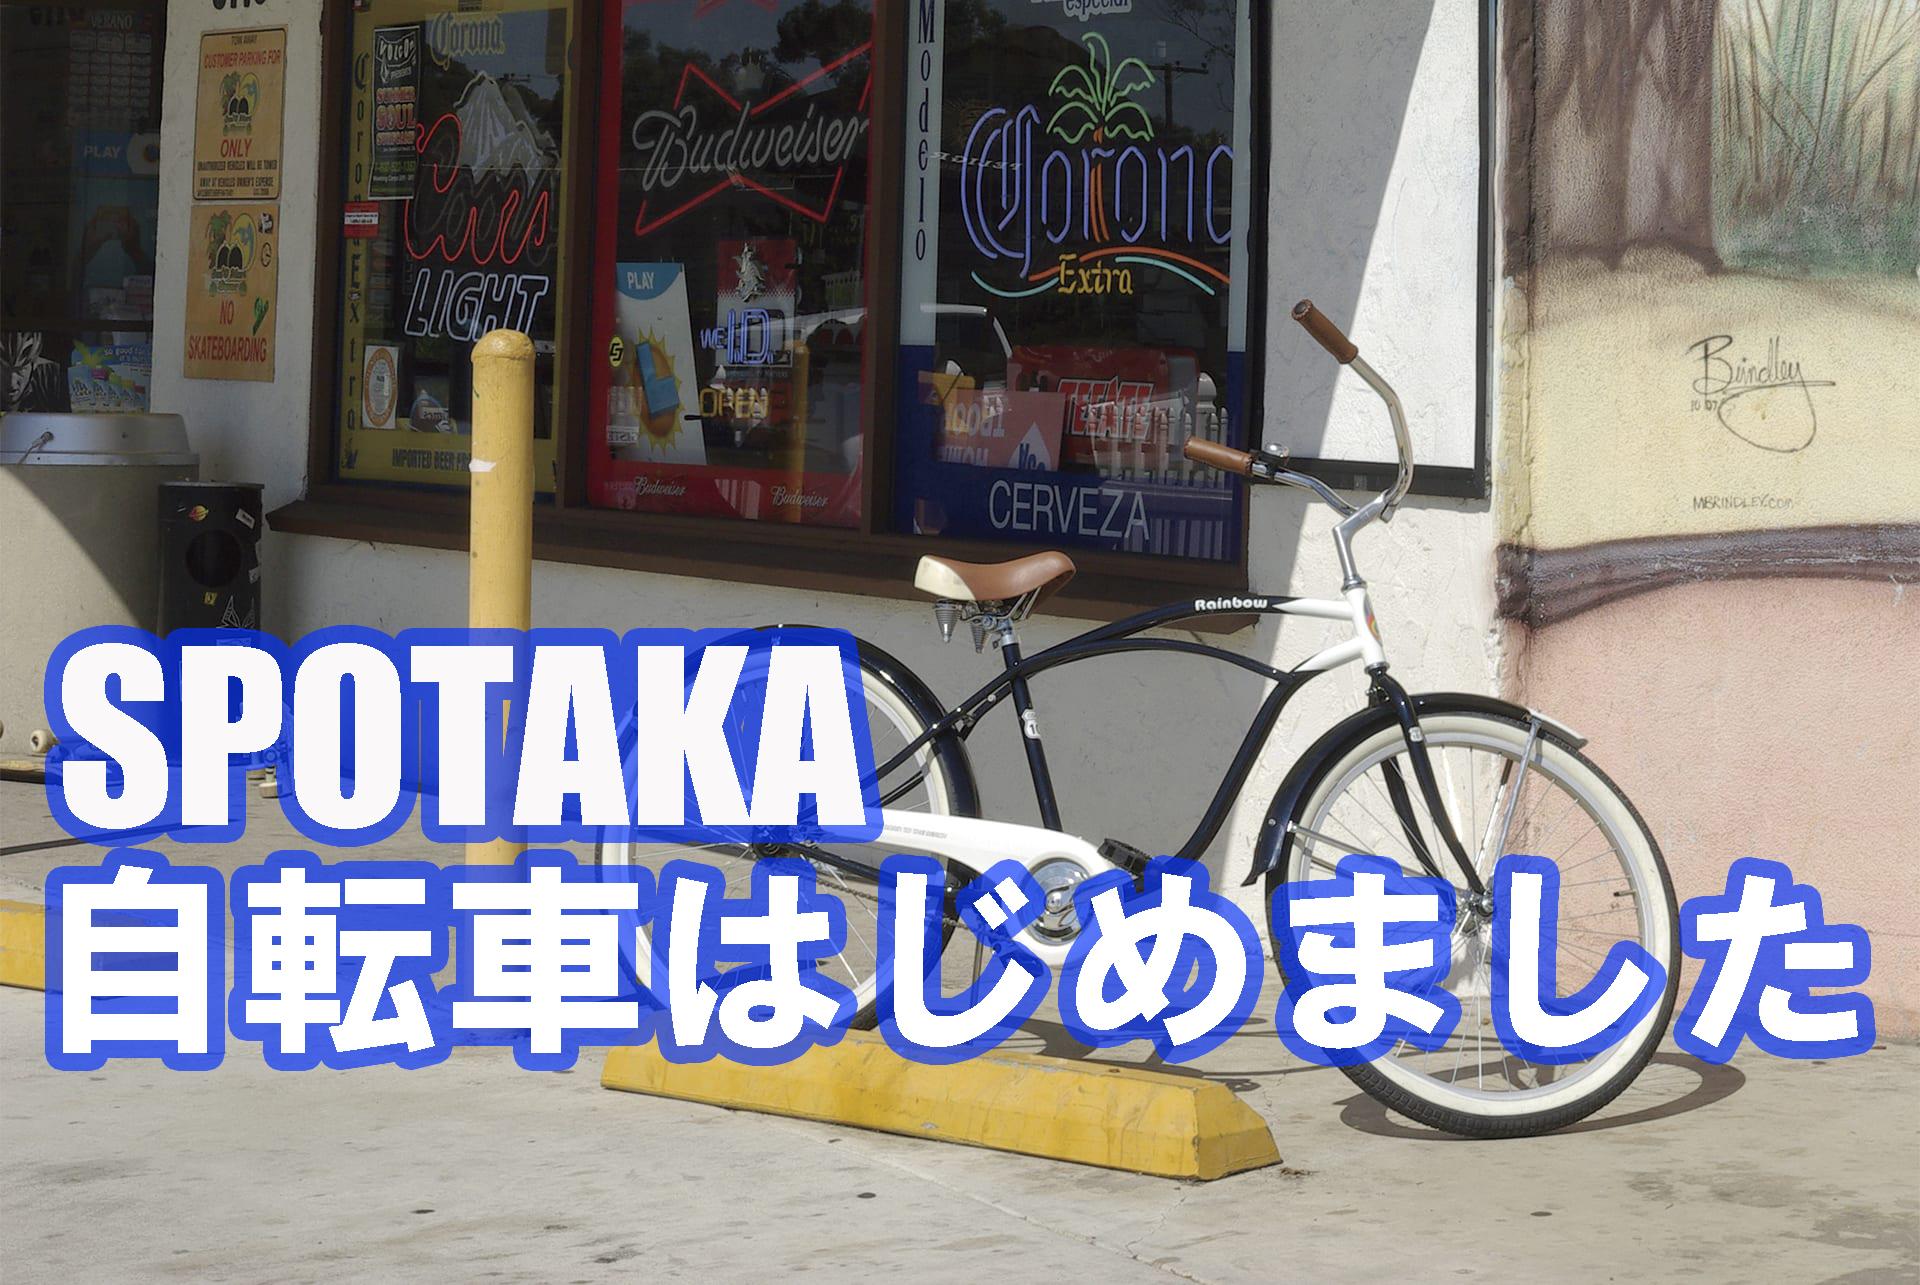 スポタカ かわいい自転車の取り扱い始めました